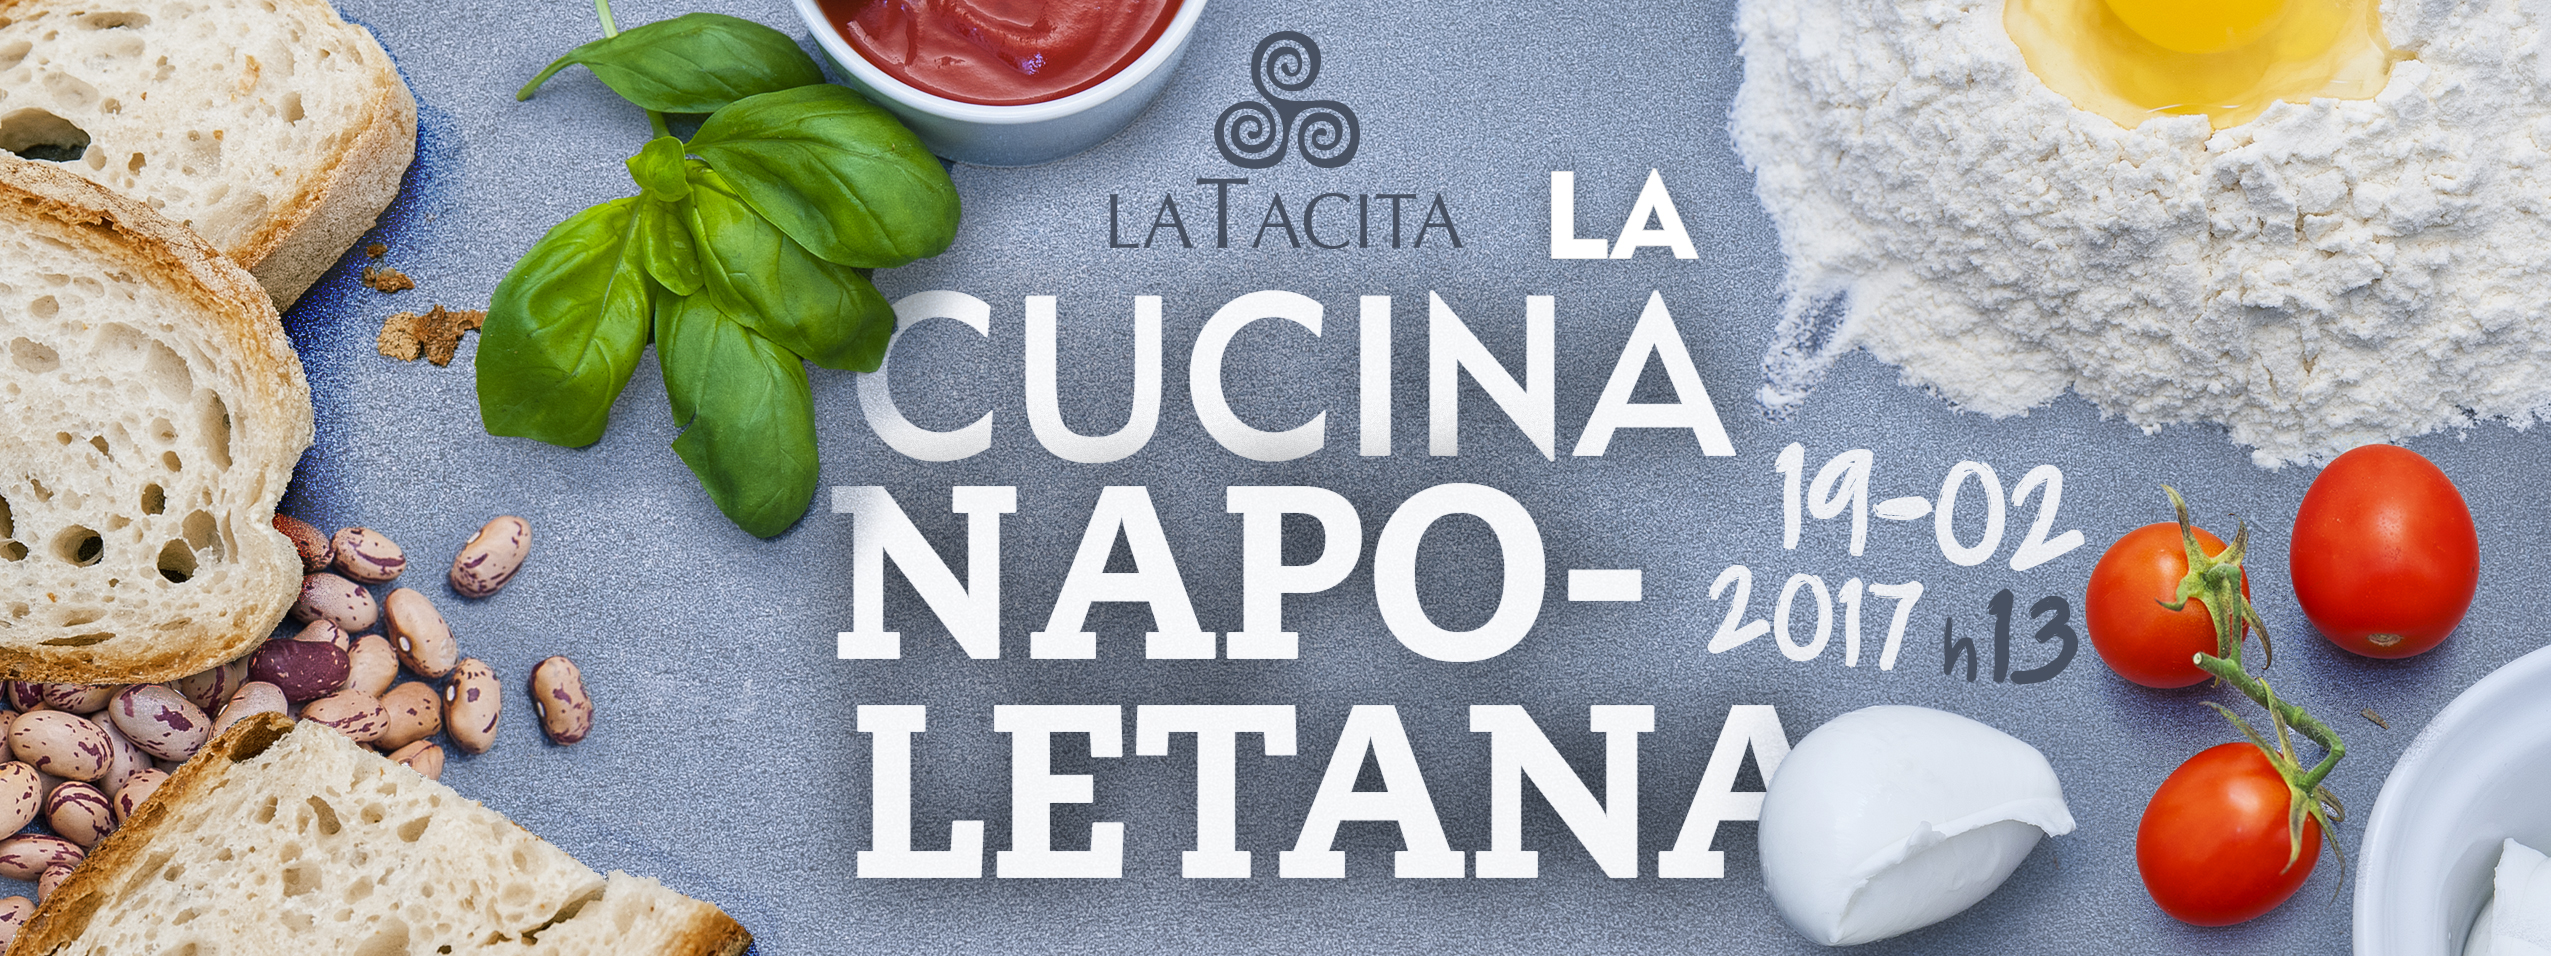 Degustazione Roma La Cucina Napoletana Tenuta La Tacita